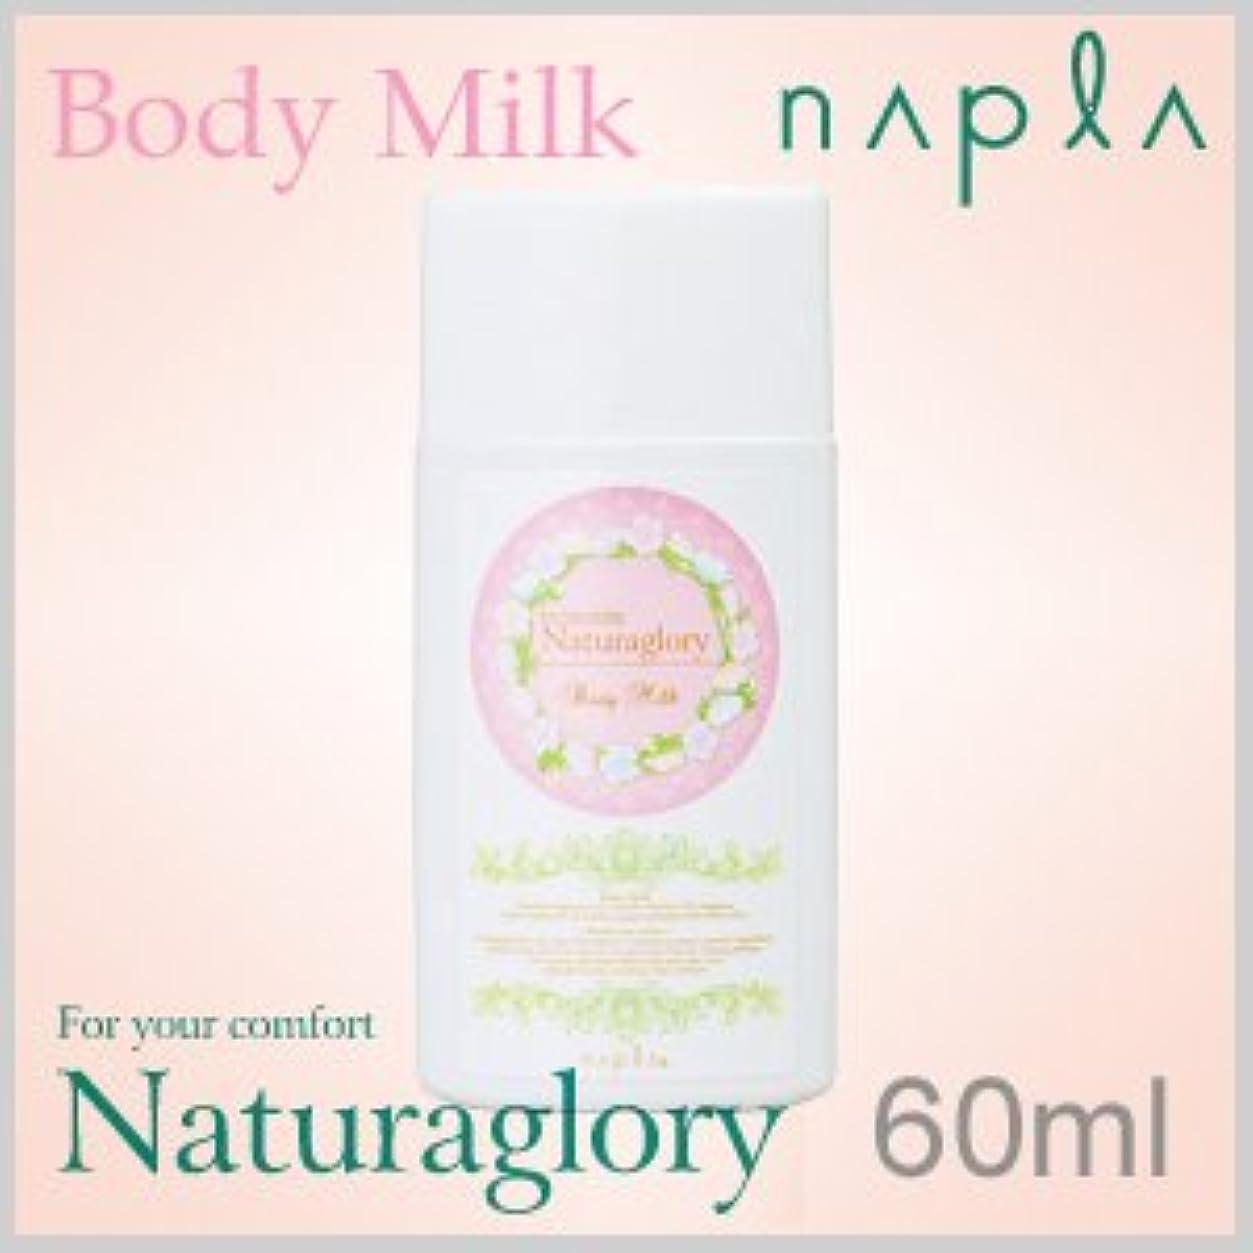 ナプラ ケアテクトHB ナチュラグローリー ボディーミルク 60ml(お試し ミニサイズ) 無添加クリーム